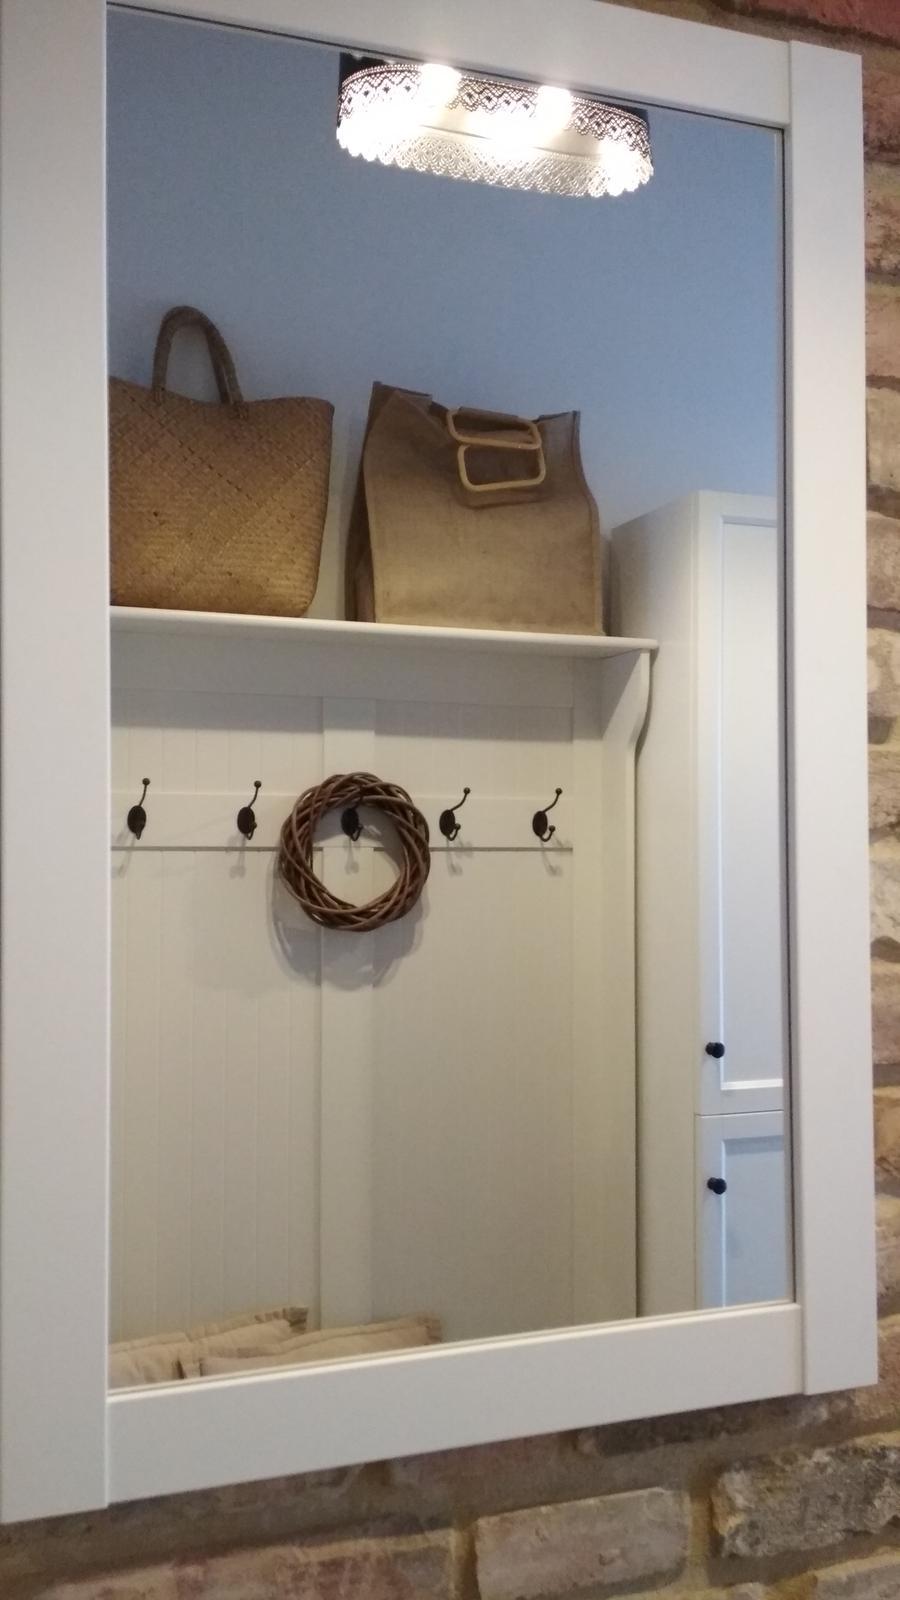 Náš domček ♡ Bramasole ♡ ... Stilo interiér aj exteriér 3. rok bývania - Obrázok č. 56